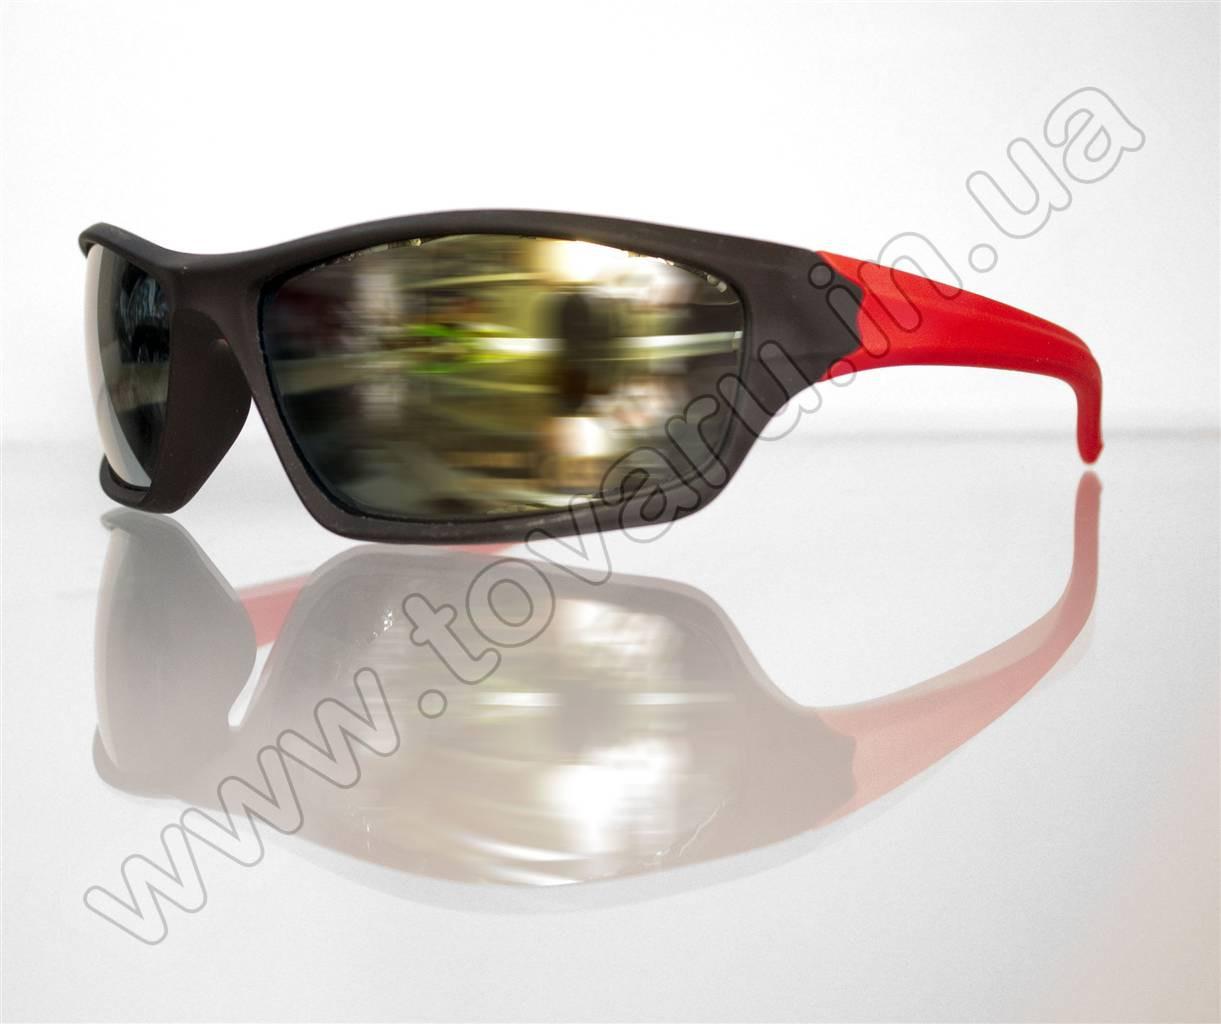 Оптом Очки мужские солнцезащитные спортивные - Черно-красные - T85